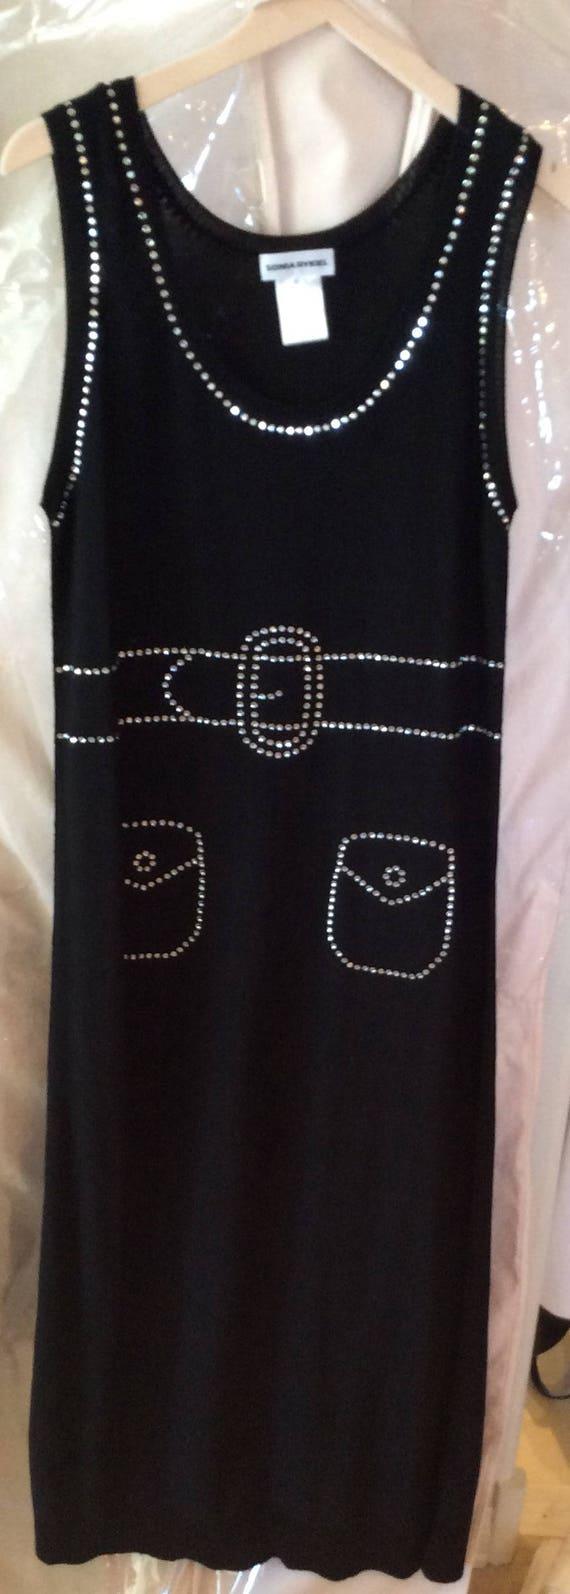 CRYSTAL EMBELLISHED DESIGNER Dress